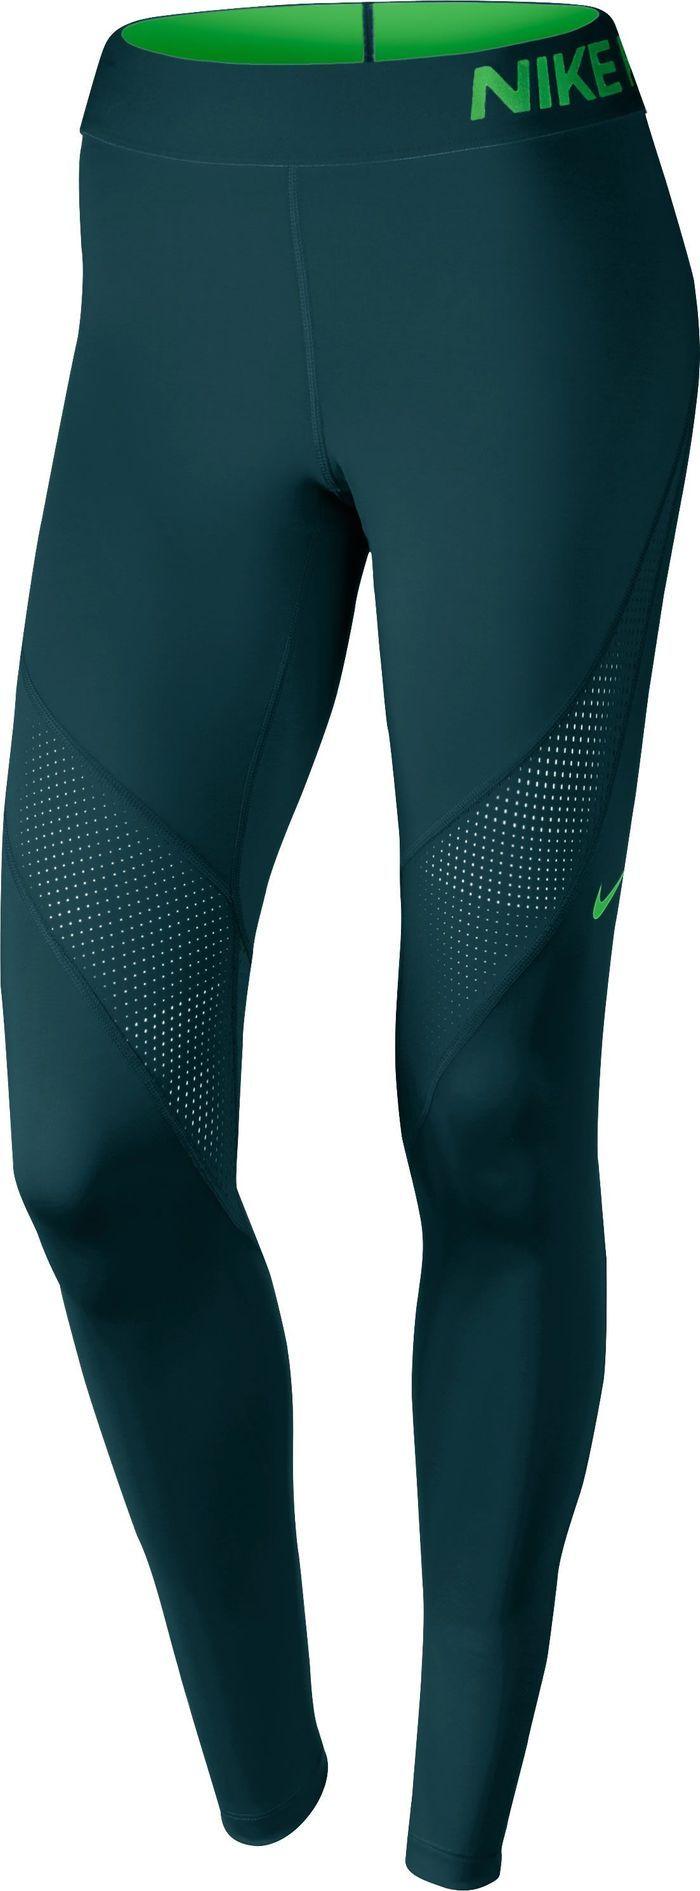 Legging Nike